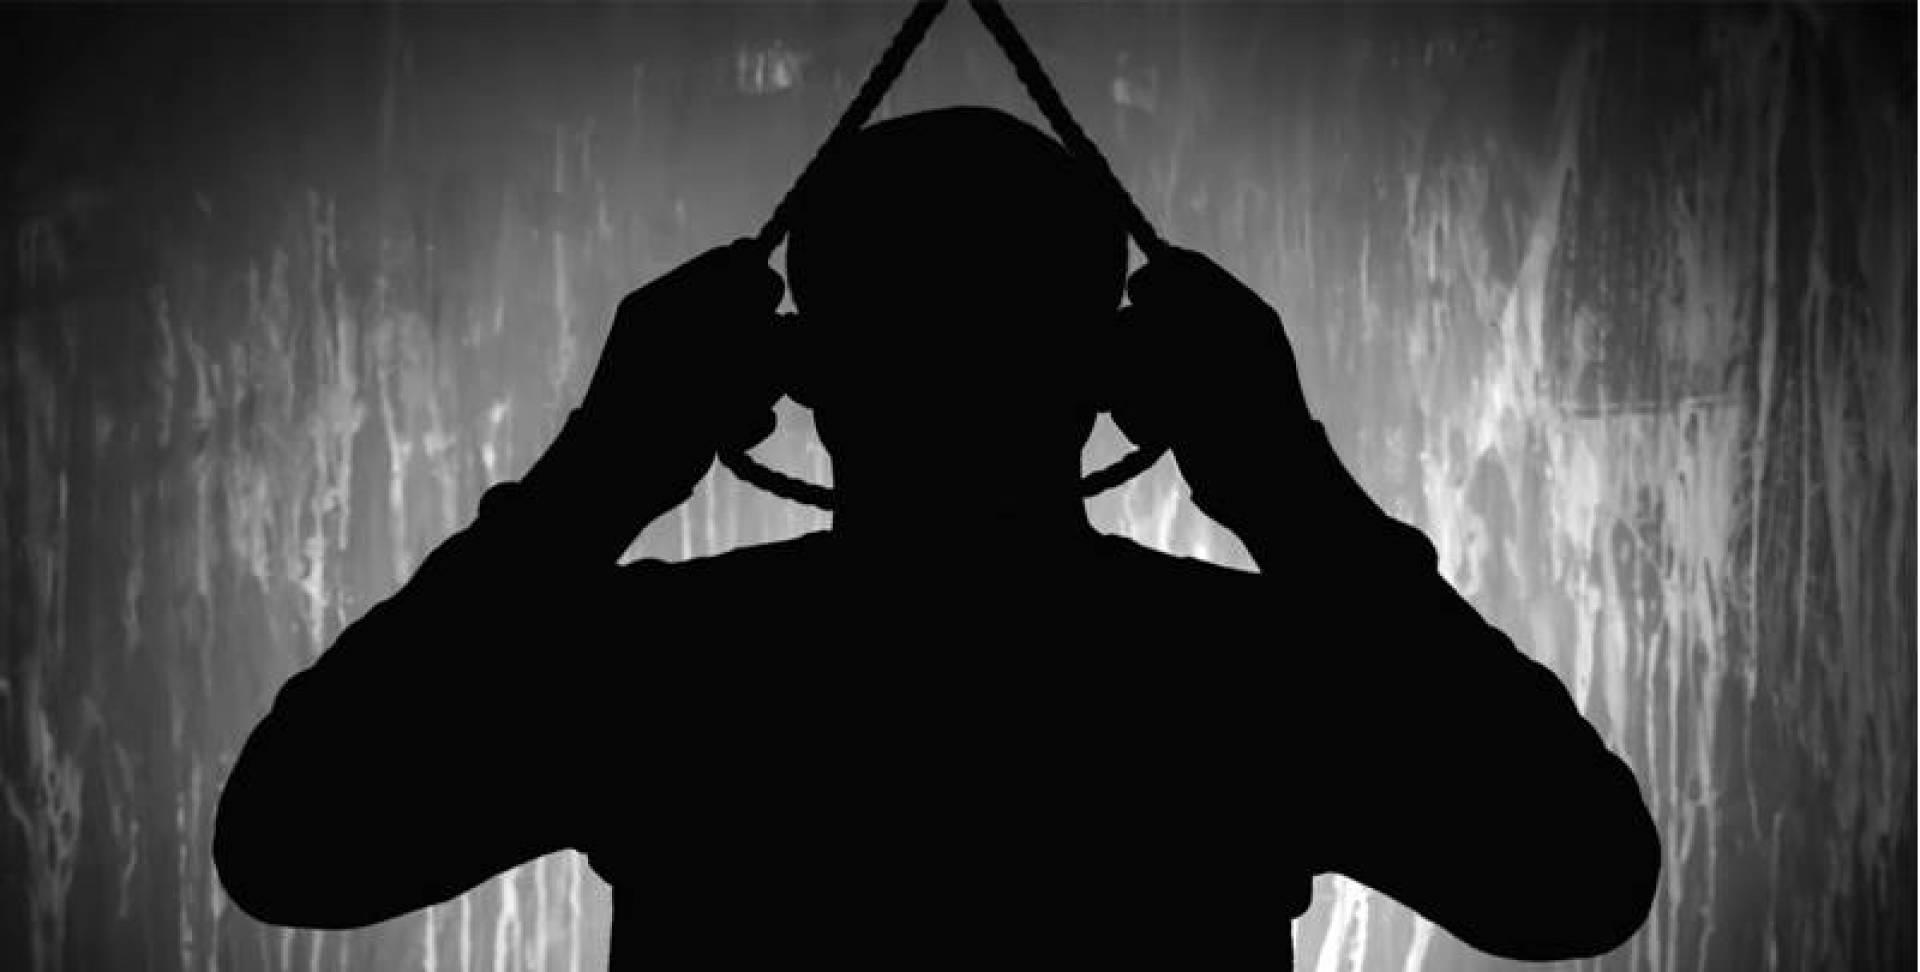 المنتحرون في الكويت: 70 رجلاً و10 نساء في 10 أشهر